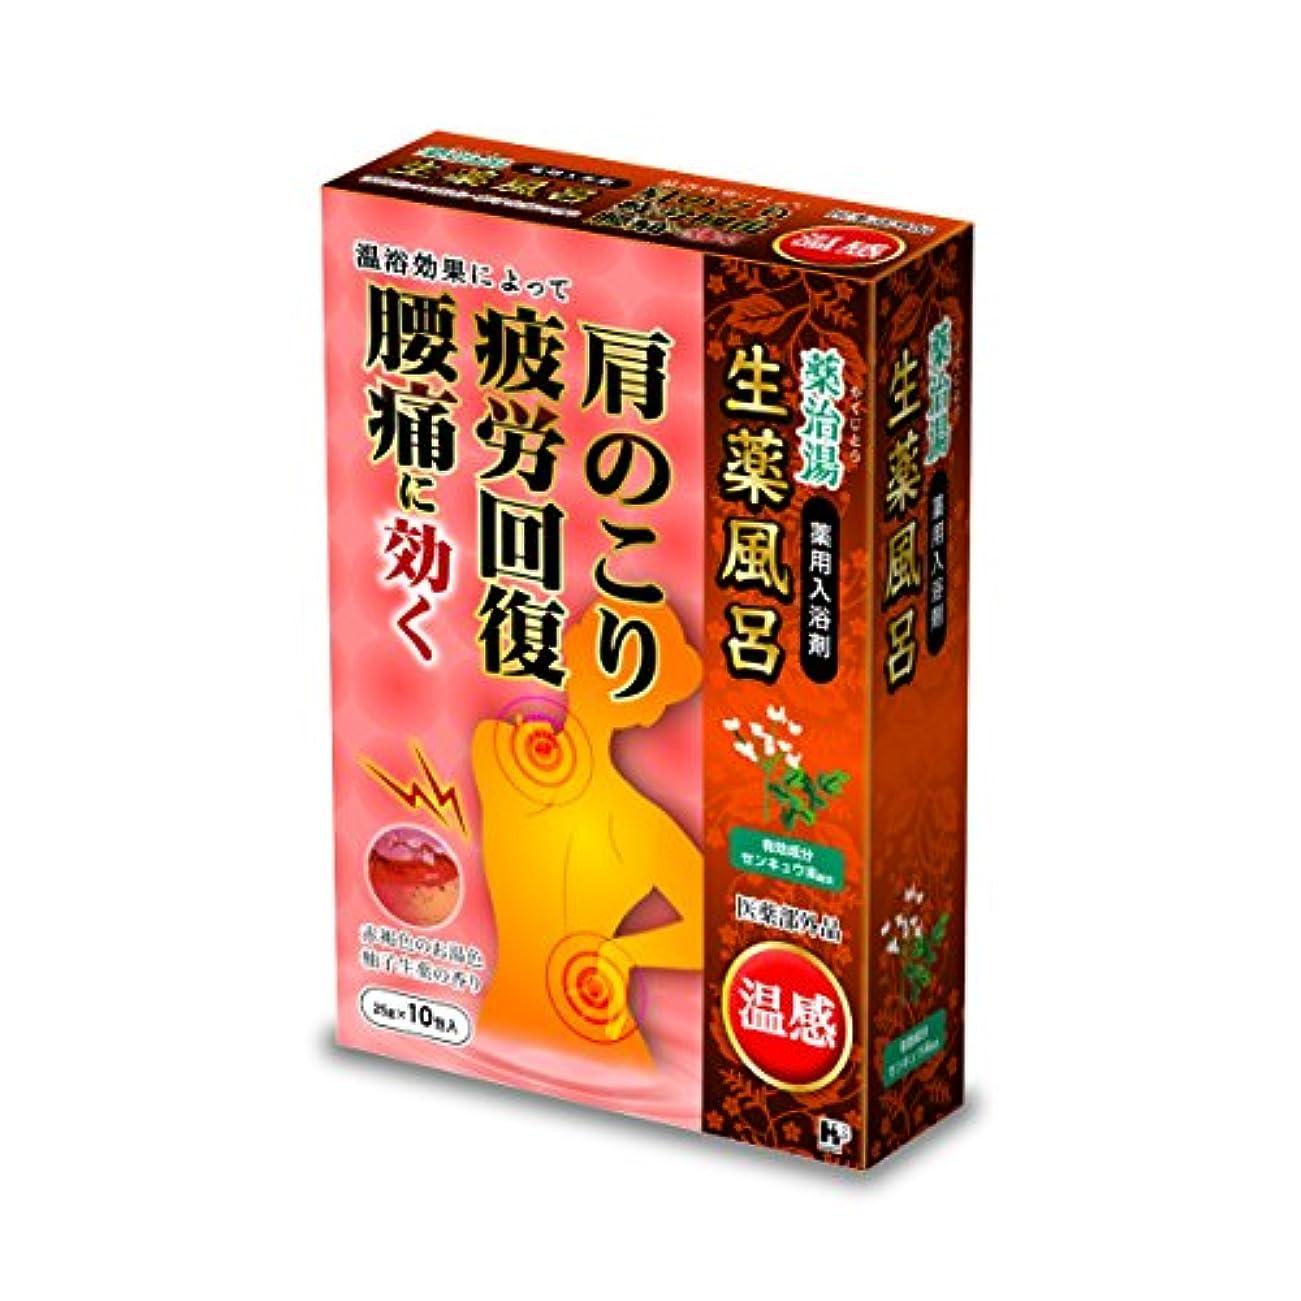 透ける弓主薬治湯温感 柚子生薬の香り